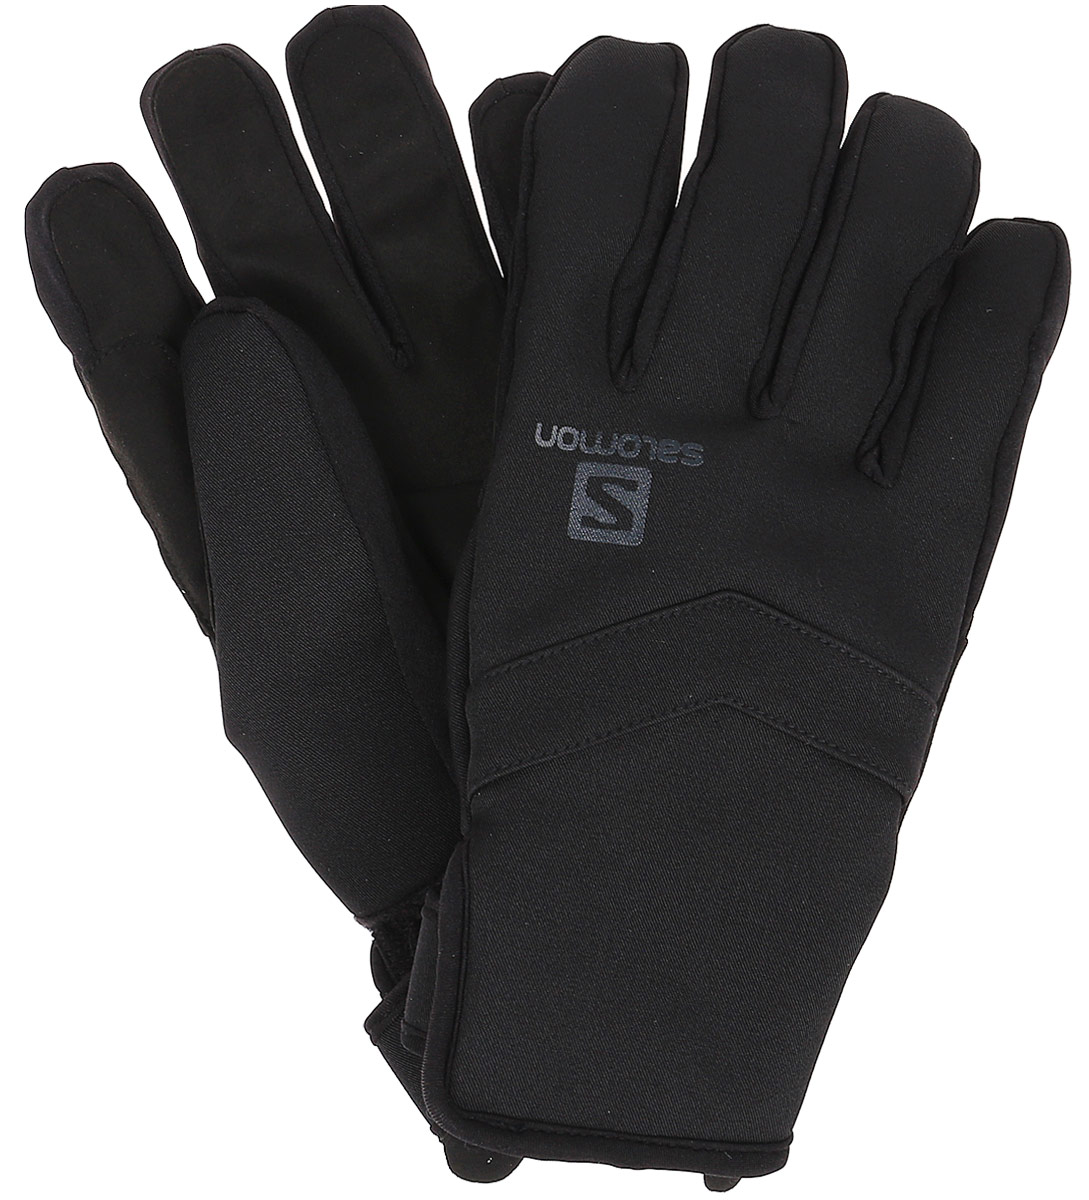 Перчатки мужские Salomon Gloves Rs Warm Glove M, цвет: черный. L39505000. Размер L (9)L39505000В перчатках Gloves Rs Warm Glove утеплитель Thinsulate склеен с наружным слоем, поэтому он не будет скатываться и успешно защитит вас от холода. Благодаря эластичному материалу на тыльной стороне ладони и небольшой застежке-липучке эта модель отлично подходит к лыжным палкам.